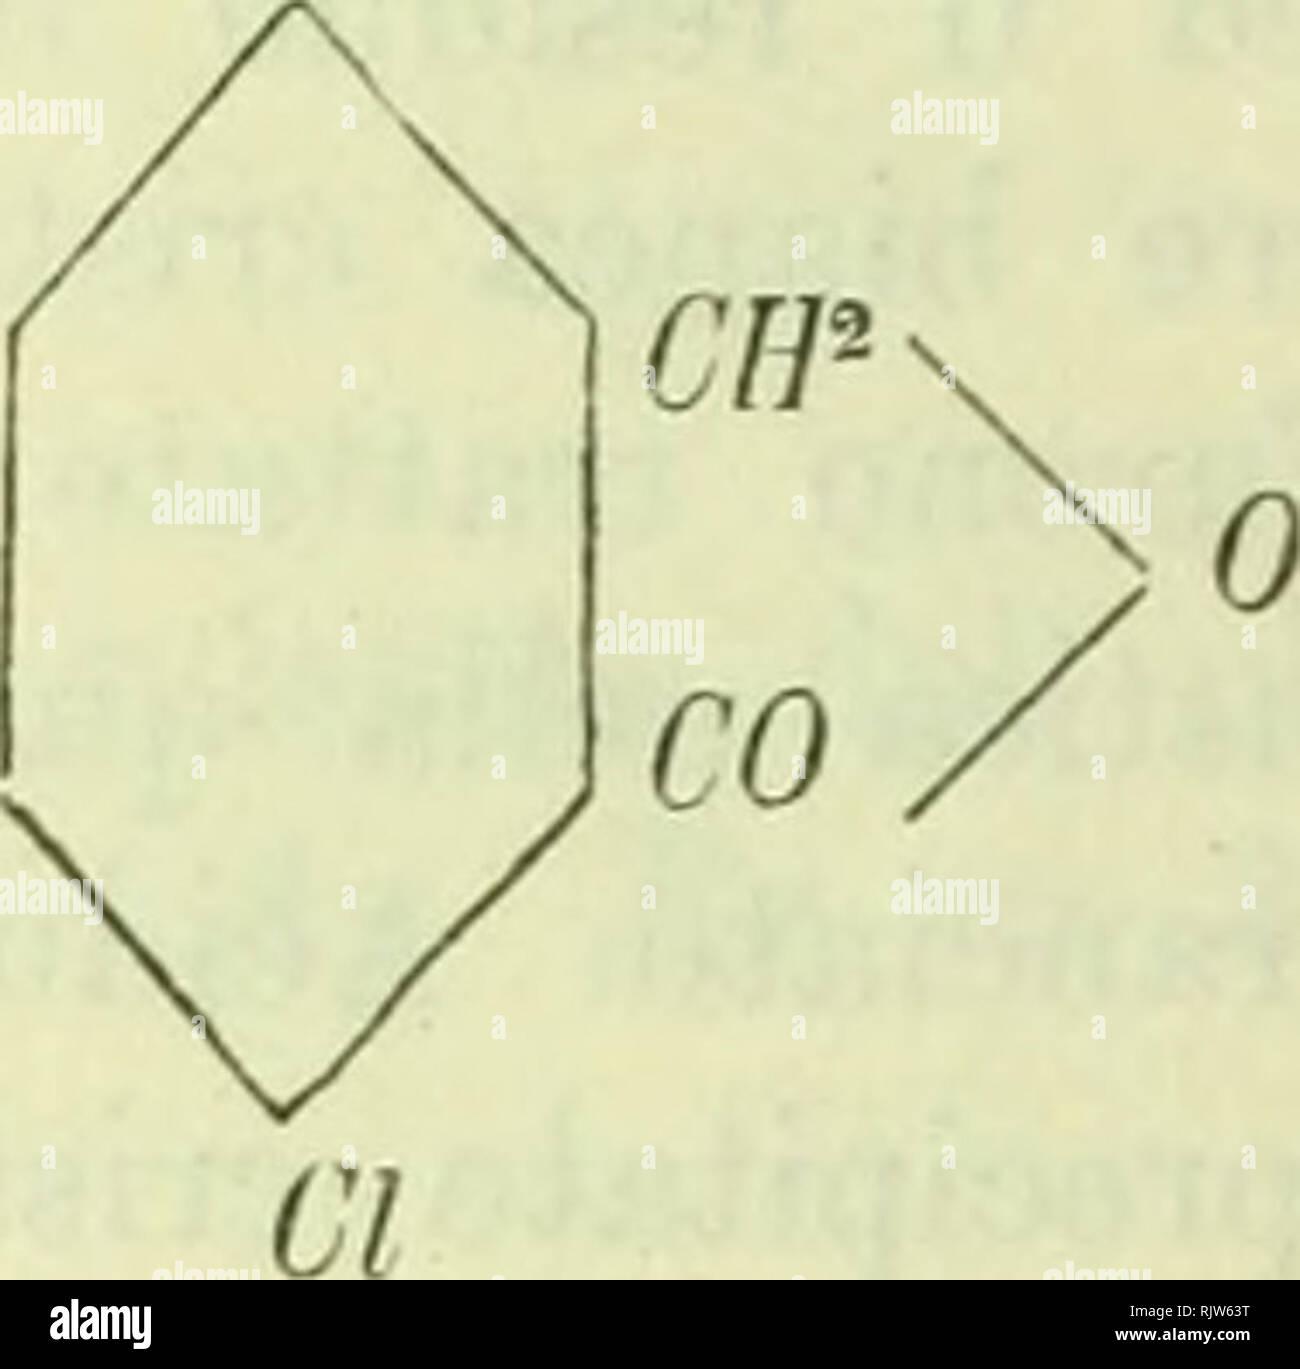 """. Atti della R. Accademia delle scienze di Torino. Science; Natural history. 32t> J. GUAKE.SCHI E 1'. BIGINELLI Per la clorobromoftalide C^ H^ Ci Br 0' si calcola; C = 38,80 H = 1,G1 Br = 32,32 CI = 14,34 . Si nota nelle analisi un eccesso di carbonio specialmente nelle due prime in cui il prodotto non era perfettamente bianco. La ci orohr omo fialide si depone dall'alcol in bei cristalli ta- bulari romboedrici, brillanti, fusibili a 179°,5-180"""". Sublima. Si scioglie poco nell'acqua. Non dà reazione colorata col fenolo ed acido solforico. Ha tutti i caratteri dei composti simili che s - Stock Image"""